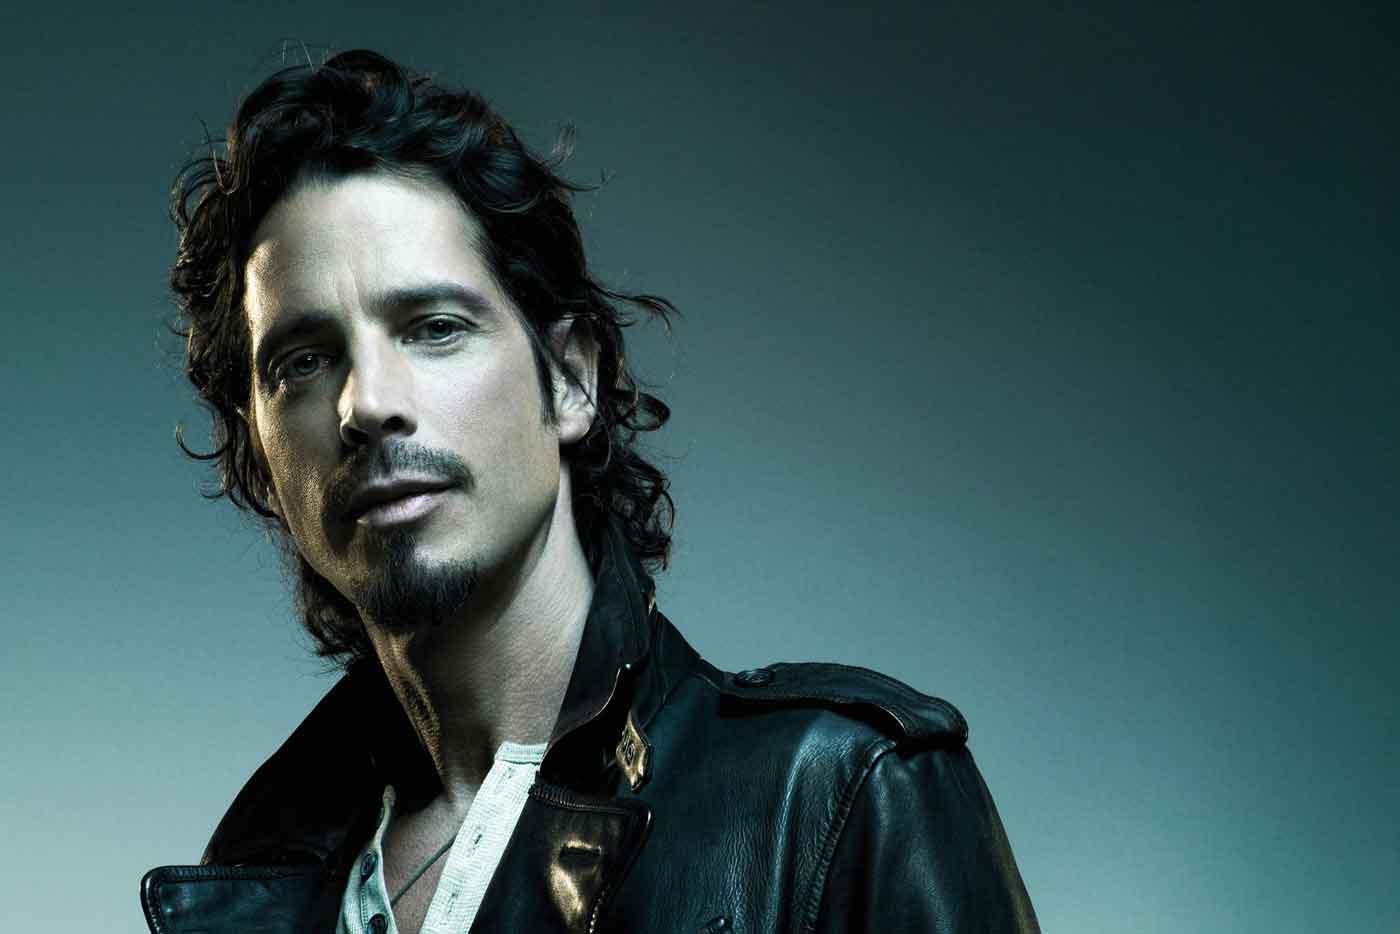 En el día de su nacimiento: 5 canciones para recordar a Chris Cornell - Radio Cantilo